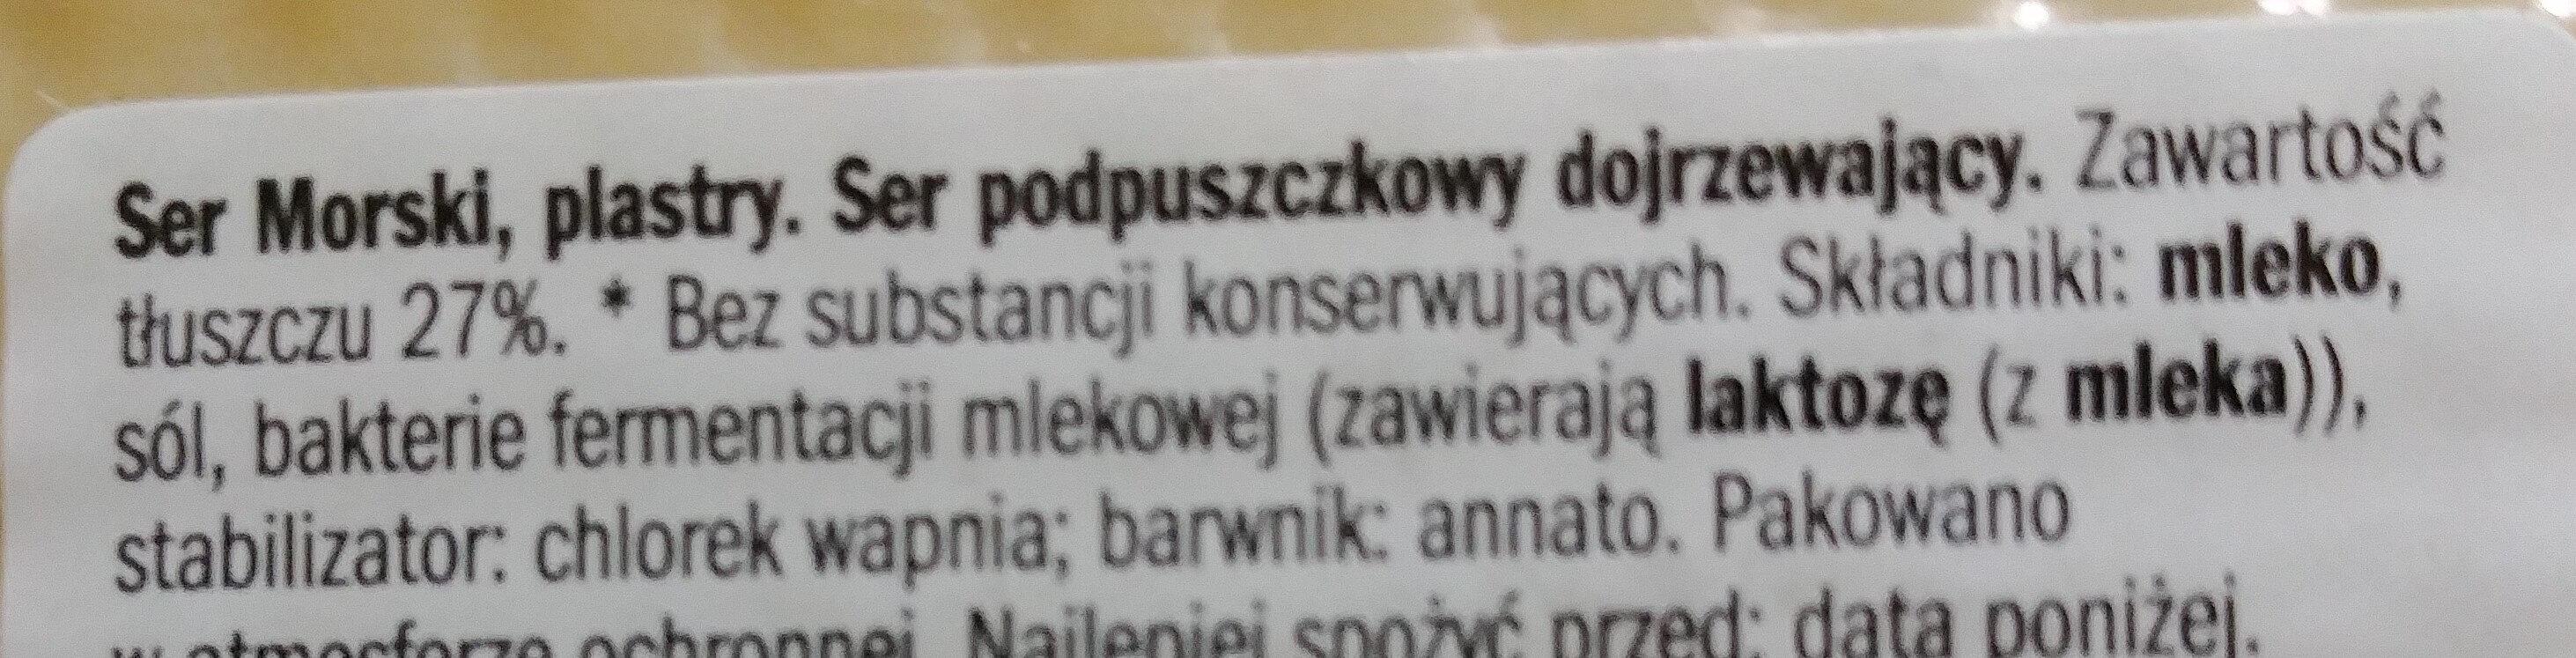 Ser Morski - Składniki